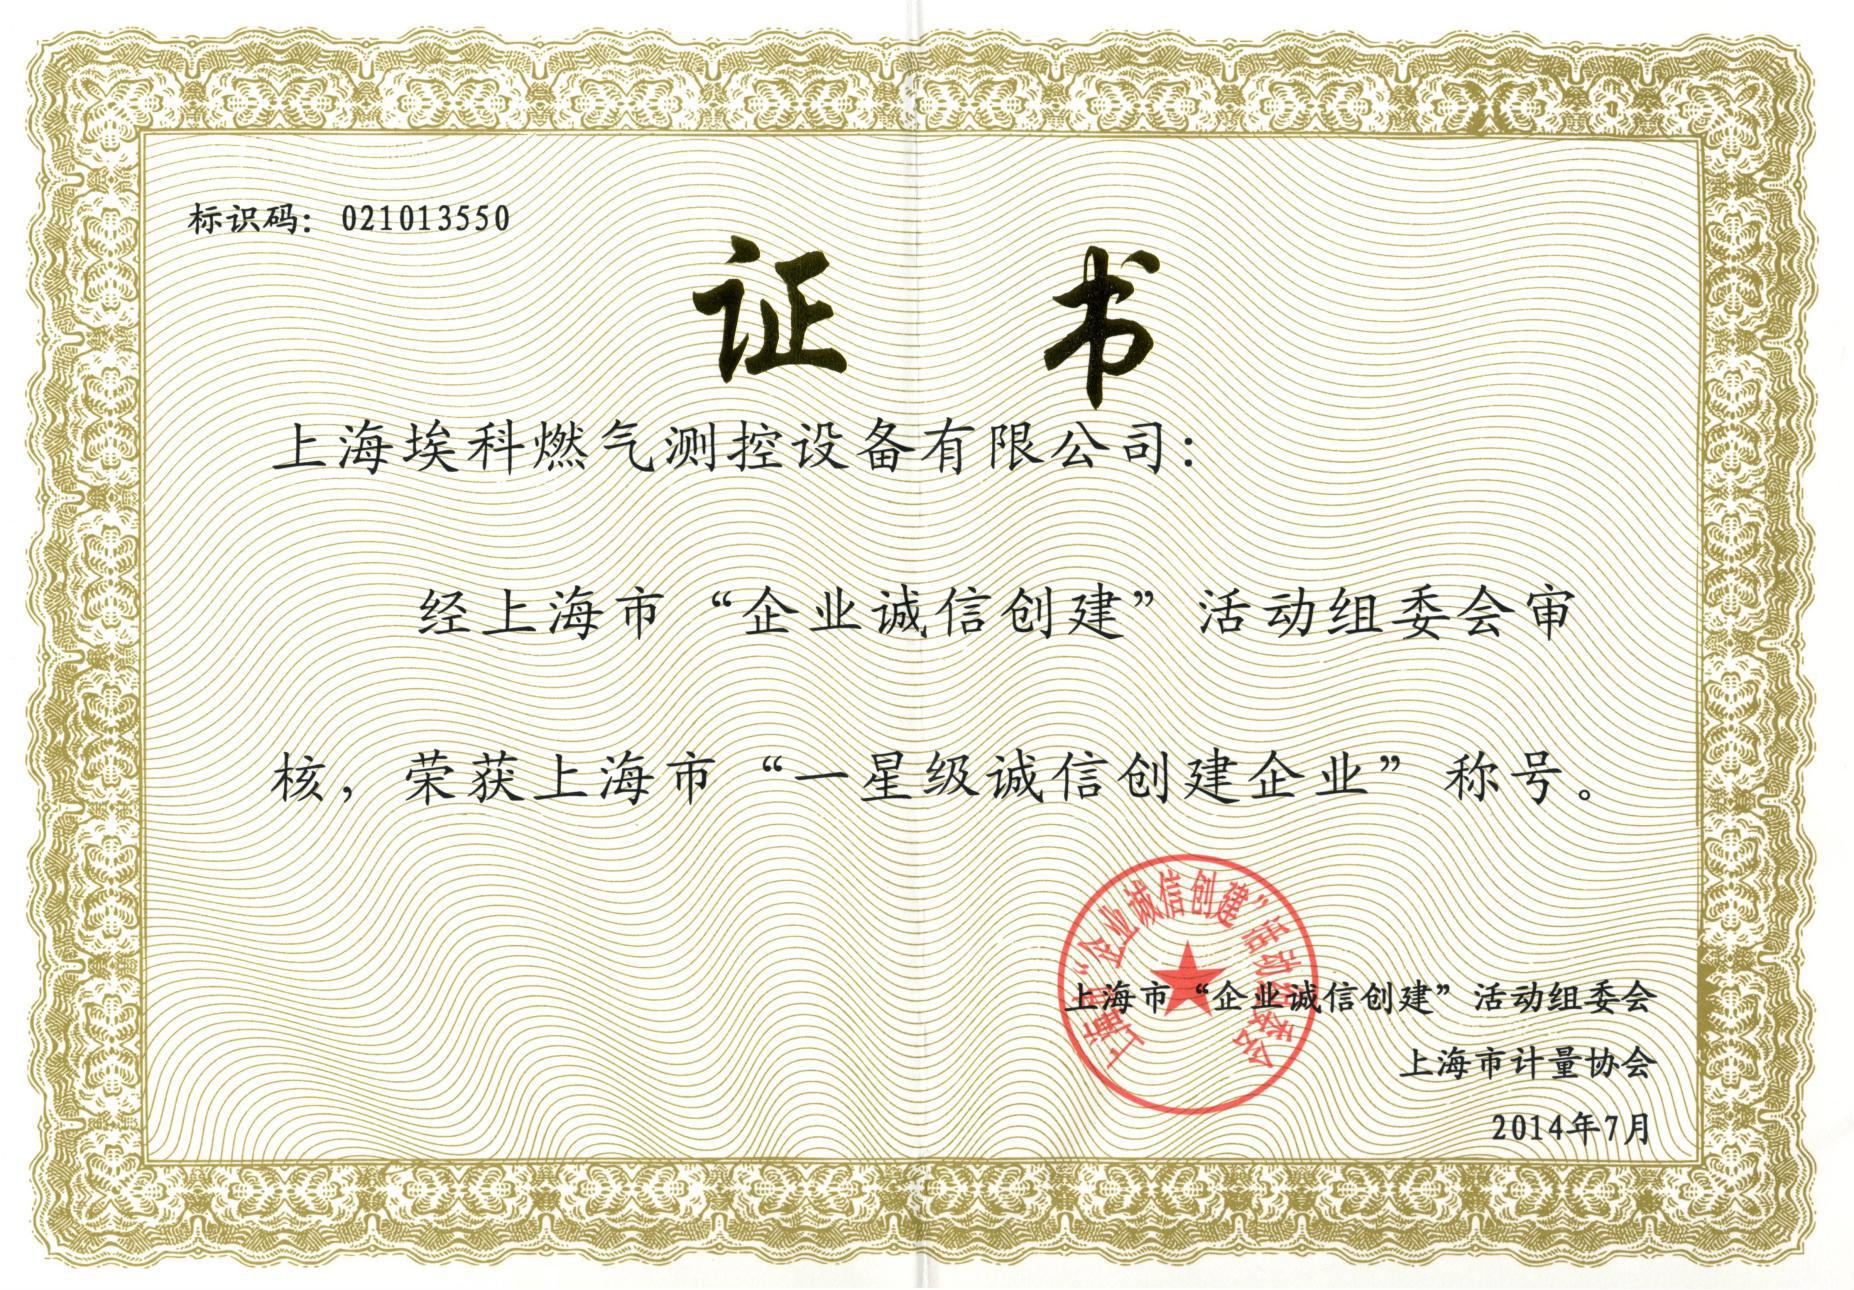 上海市一星級誠信創建企業